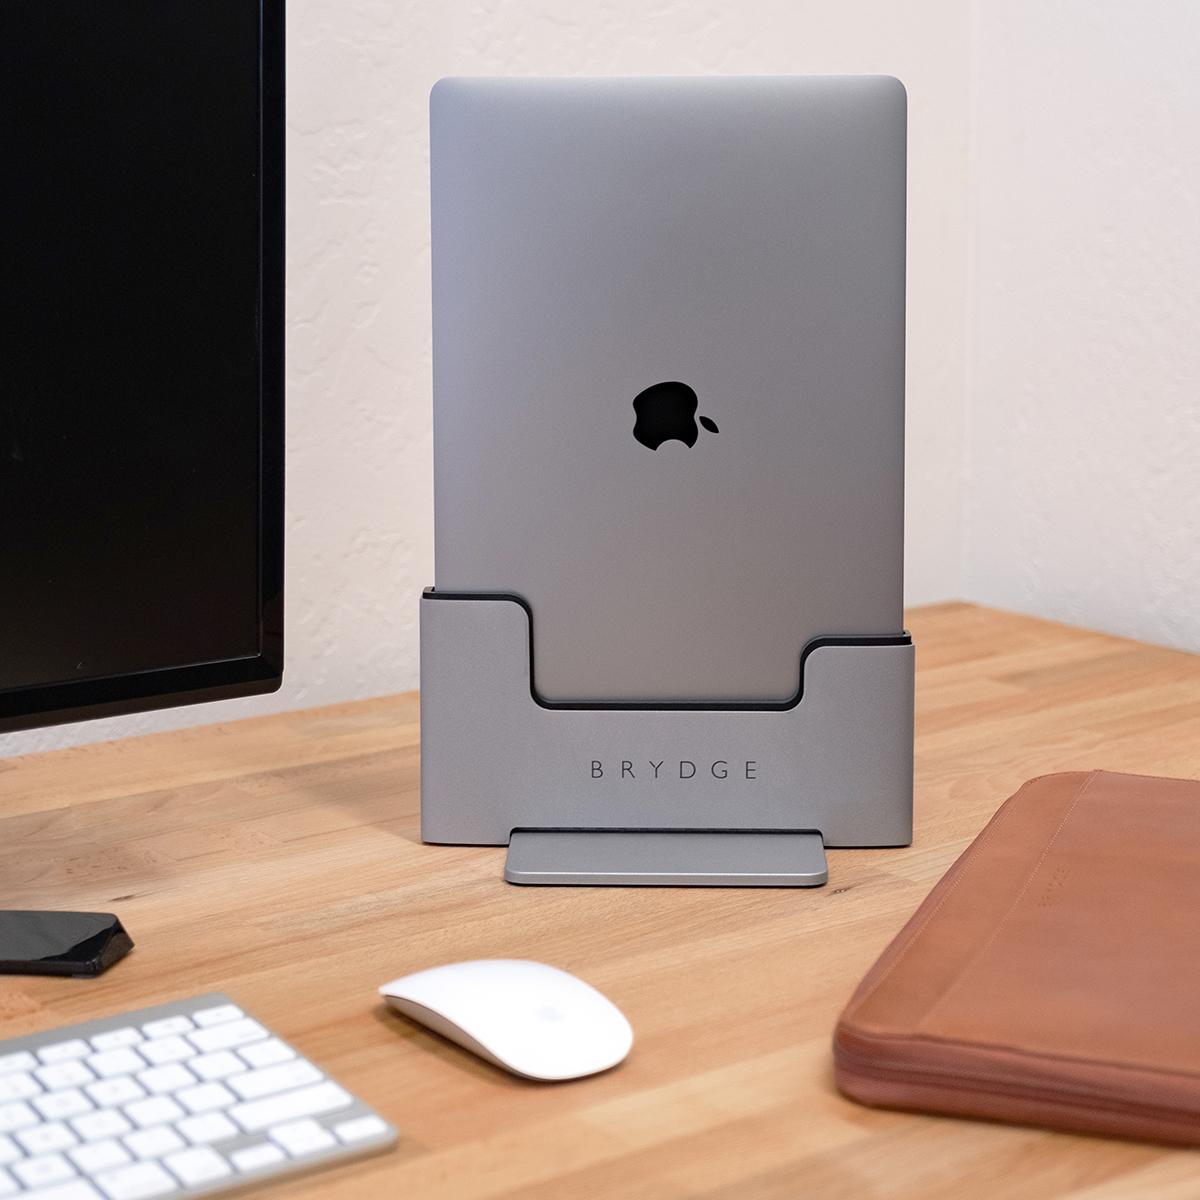 苹果凌晨发布3款Mac,但我却看上这6款苹果绝妙配件